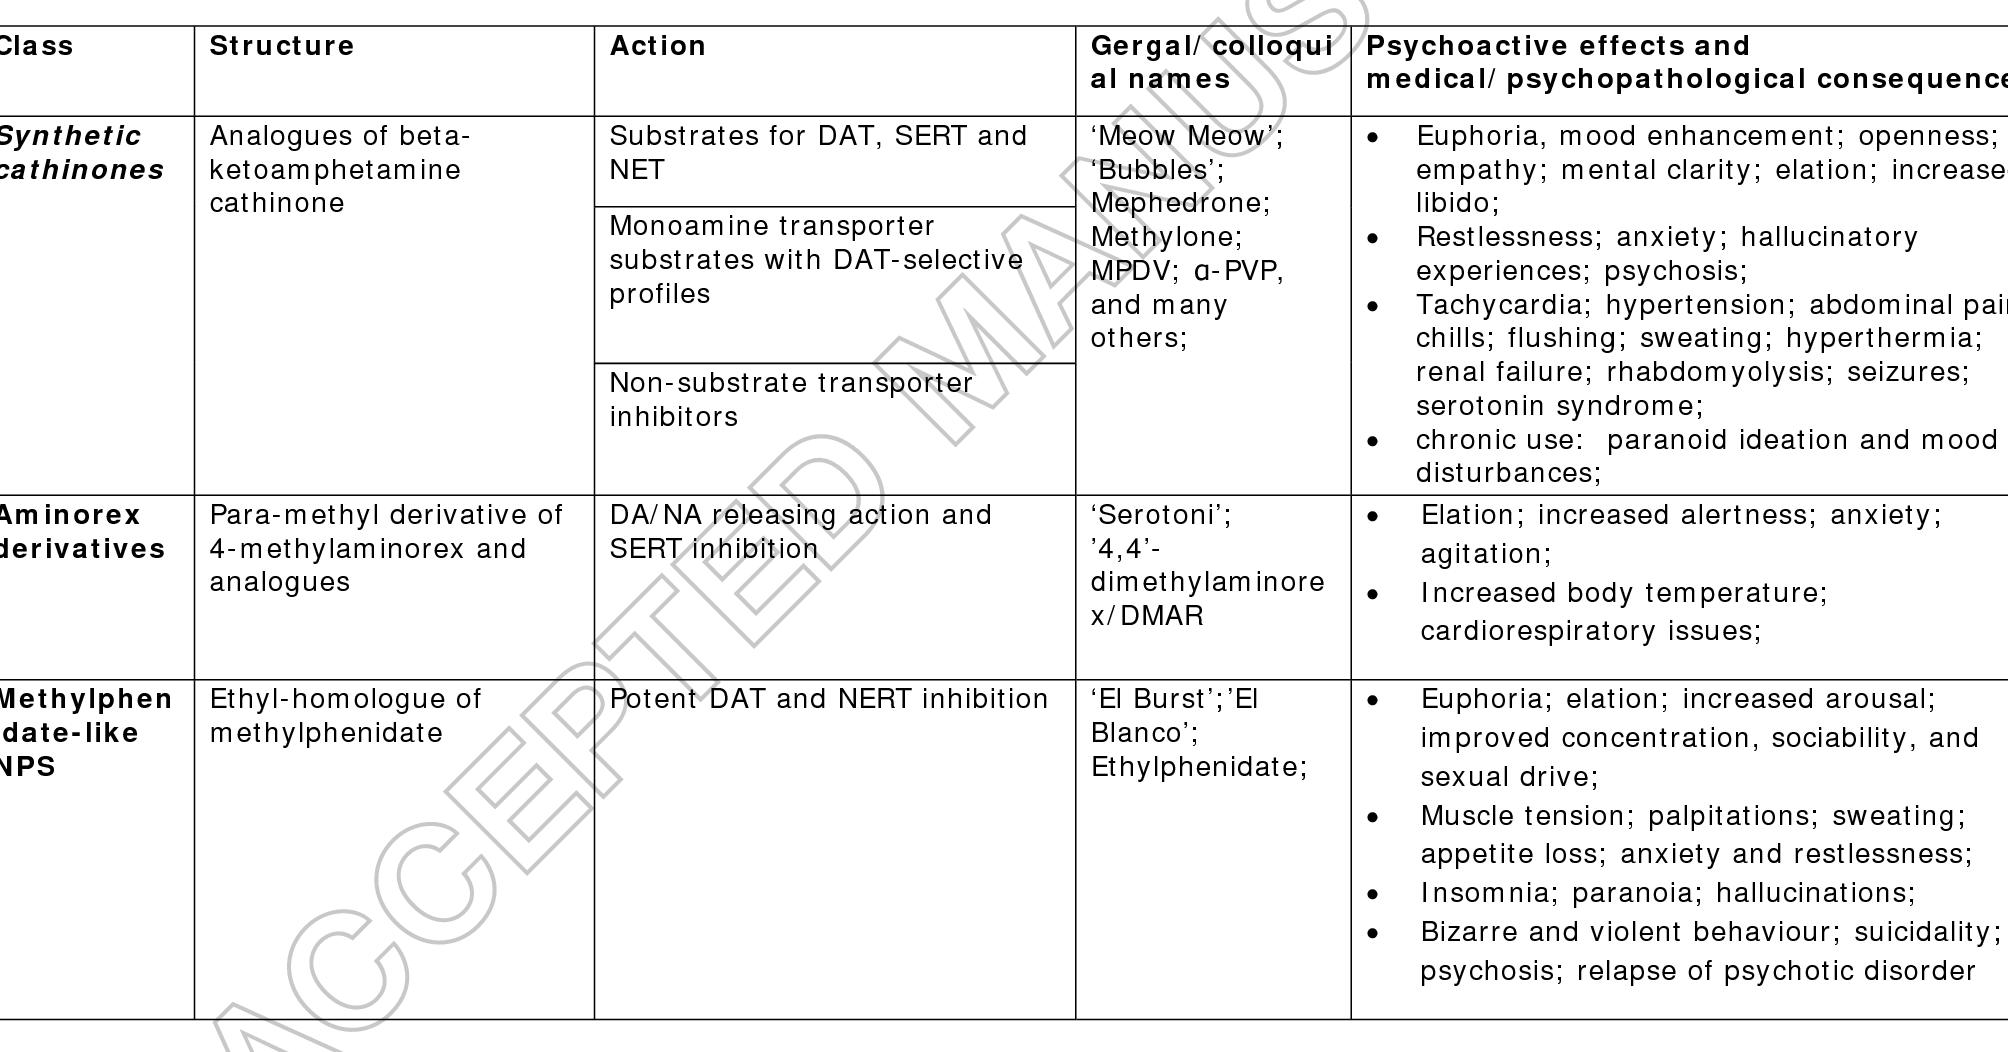 Novel psychoactive substances: the pharmacology of stimulants and